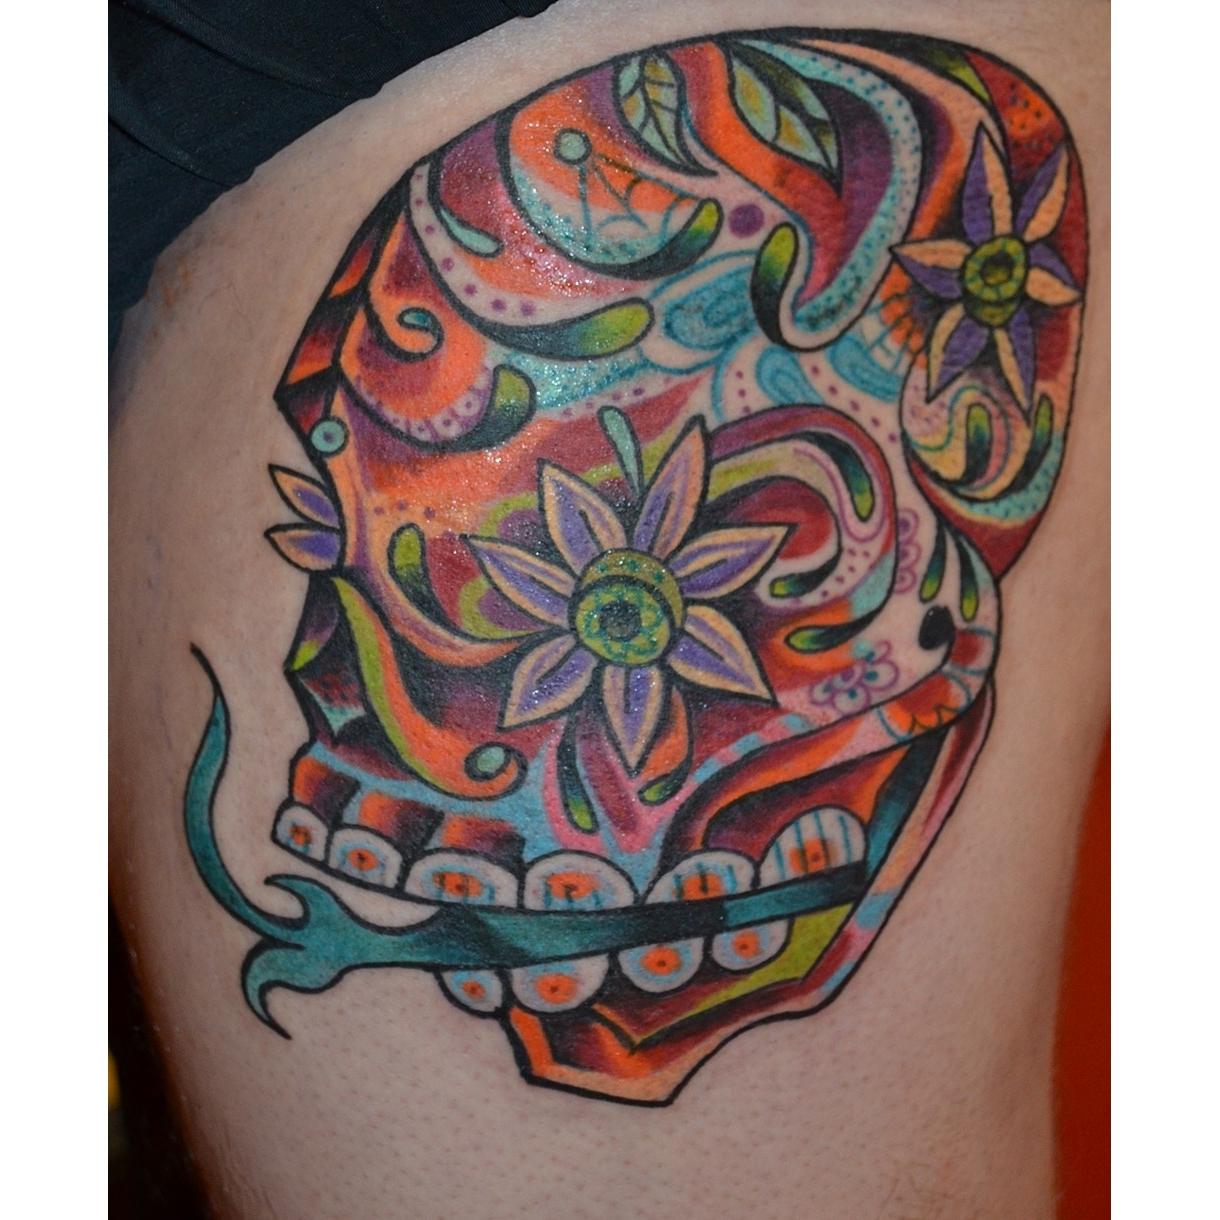 Talon studio tattoo in boonsboro md 21713 for Studio 7 tattoo